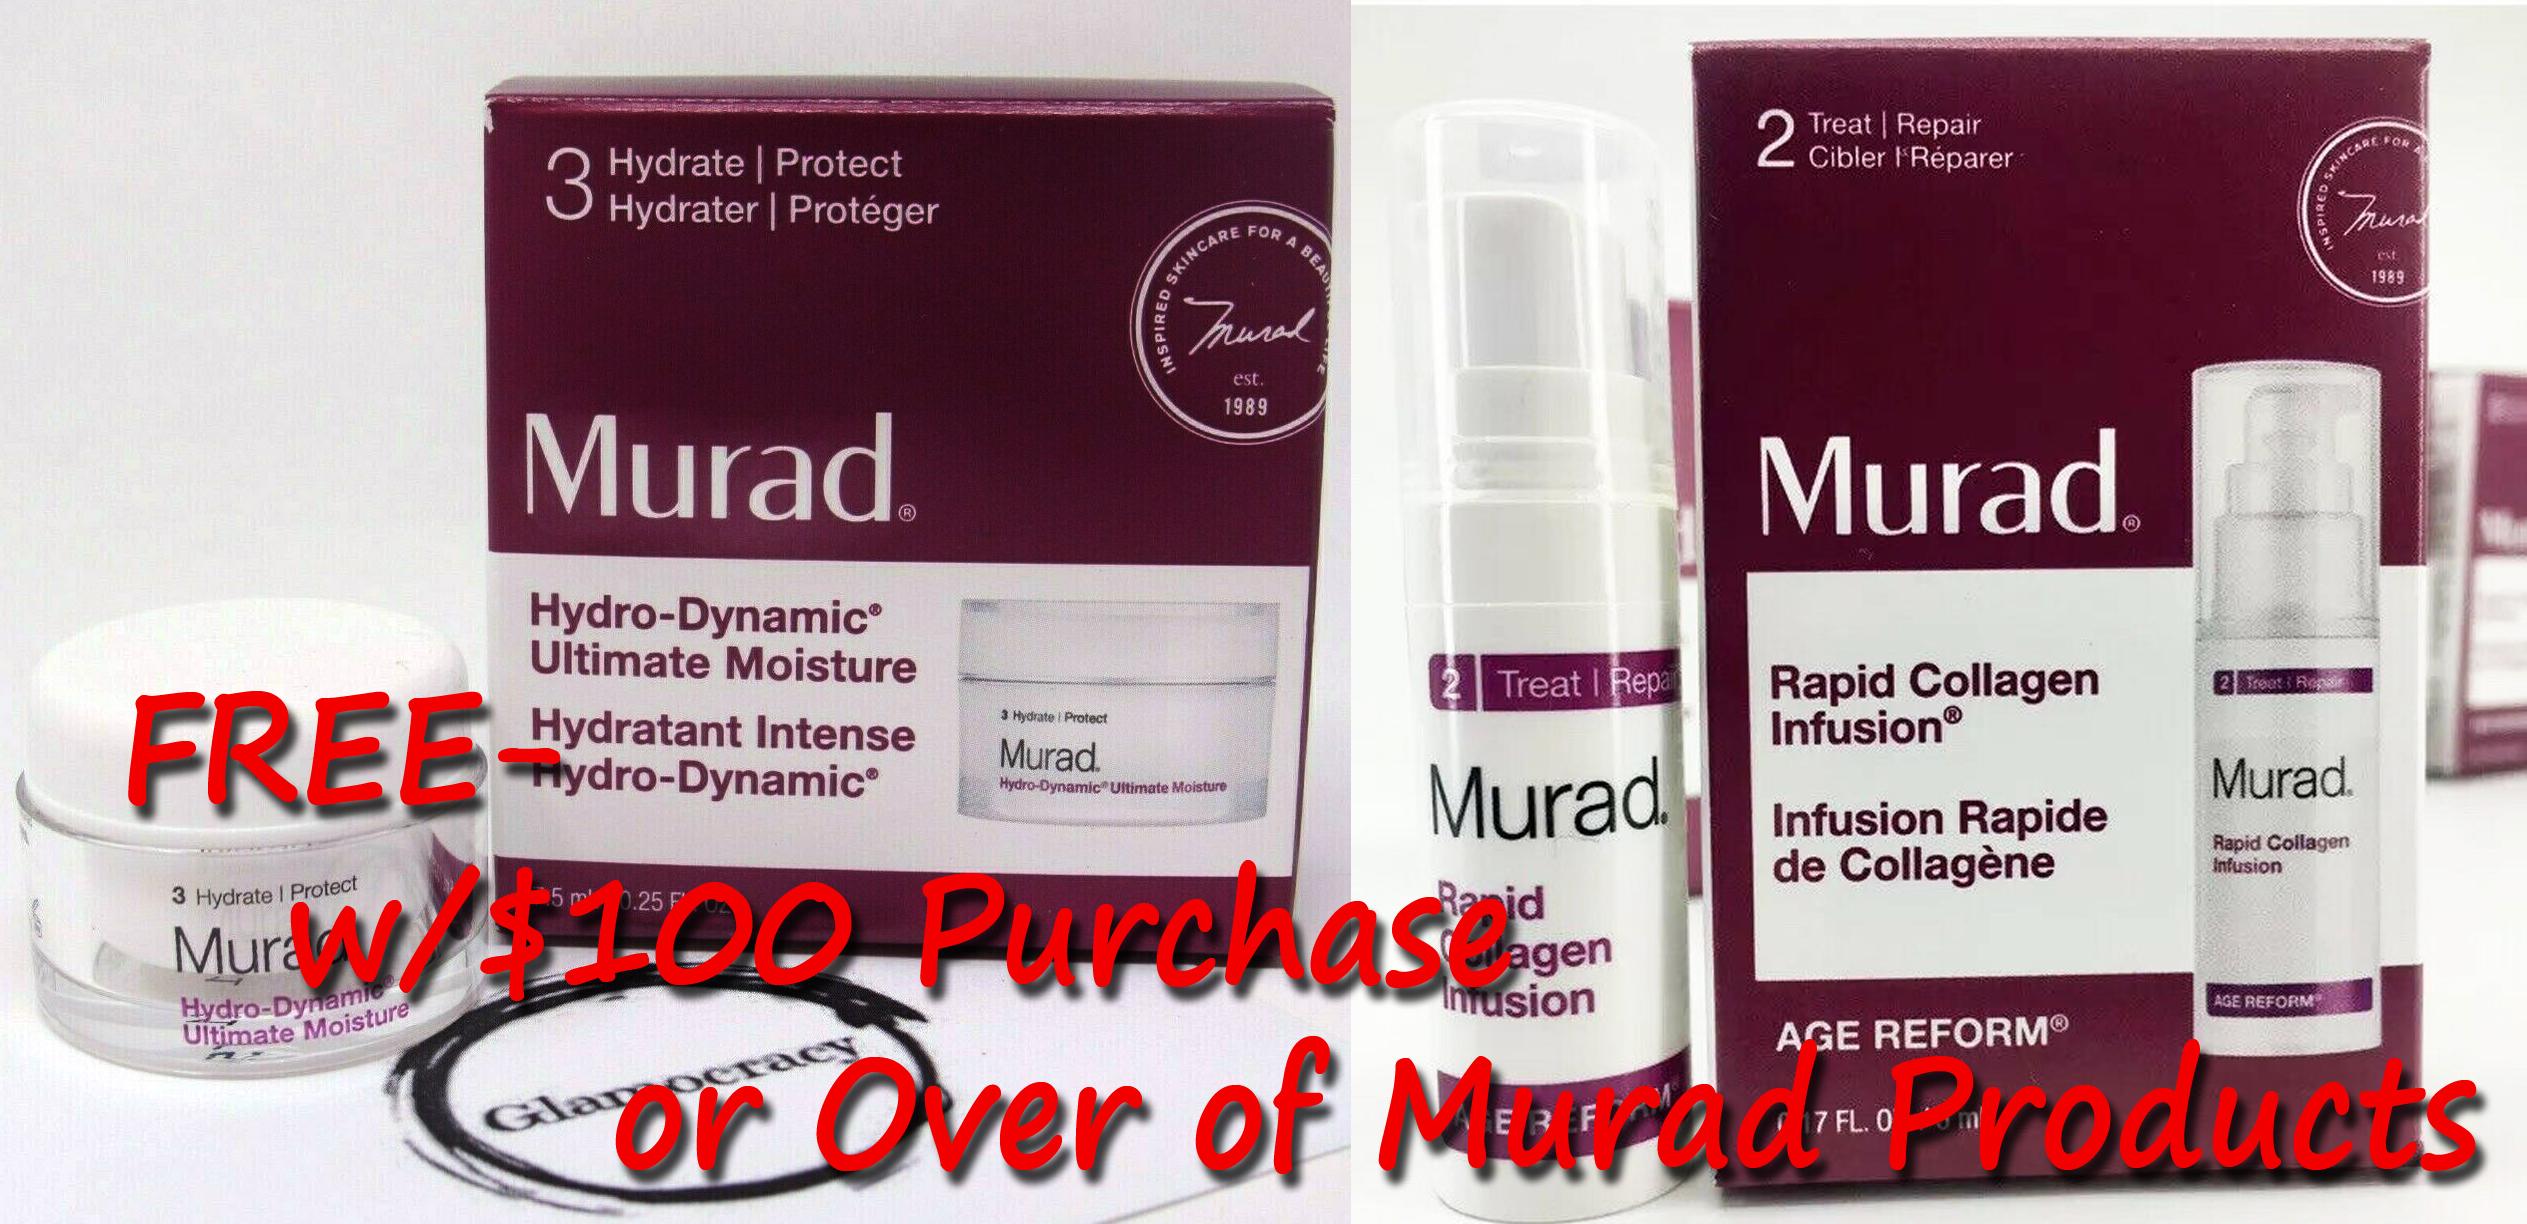 free-murad-2.jpg